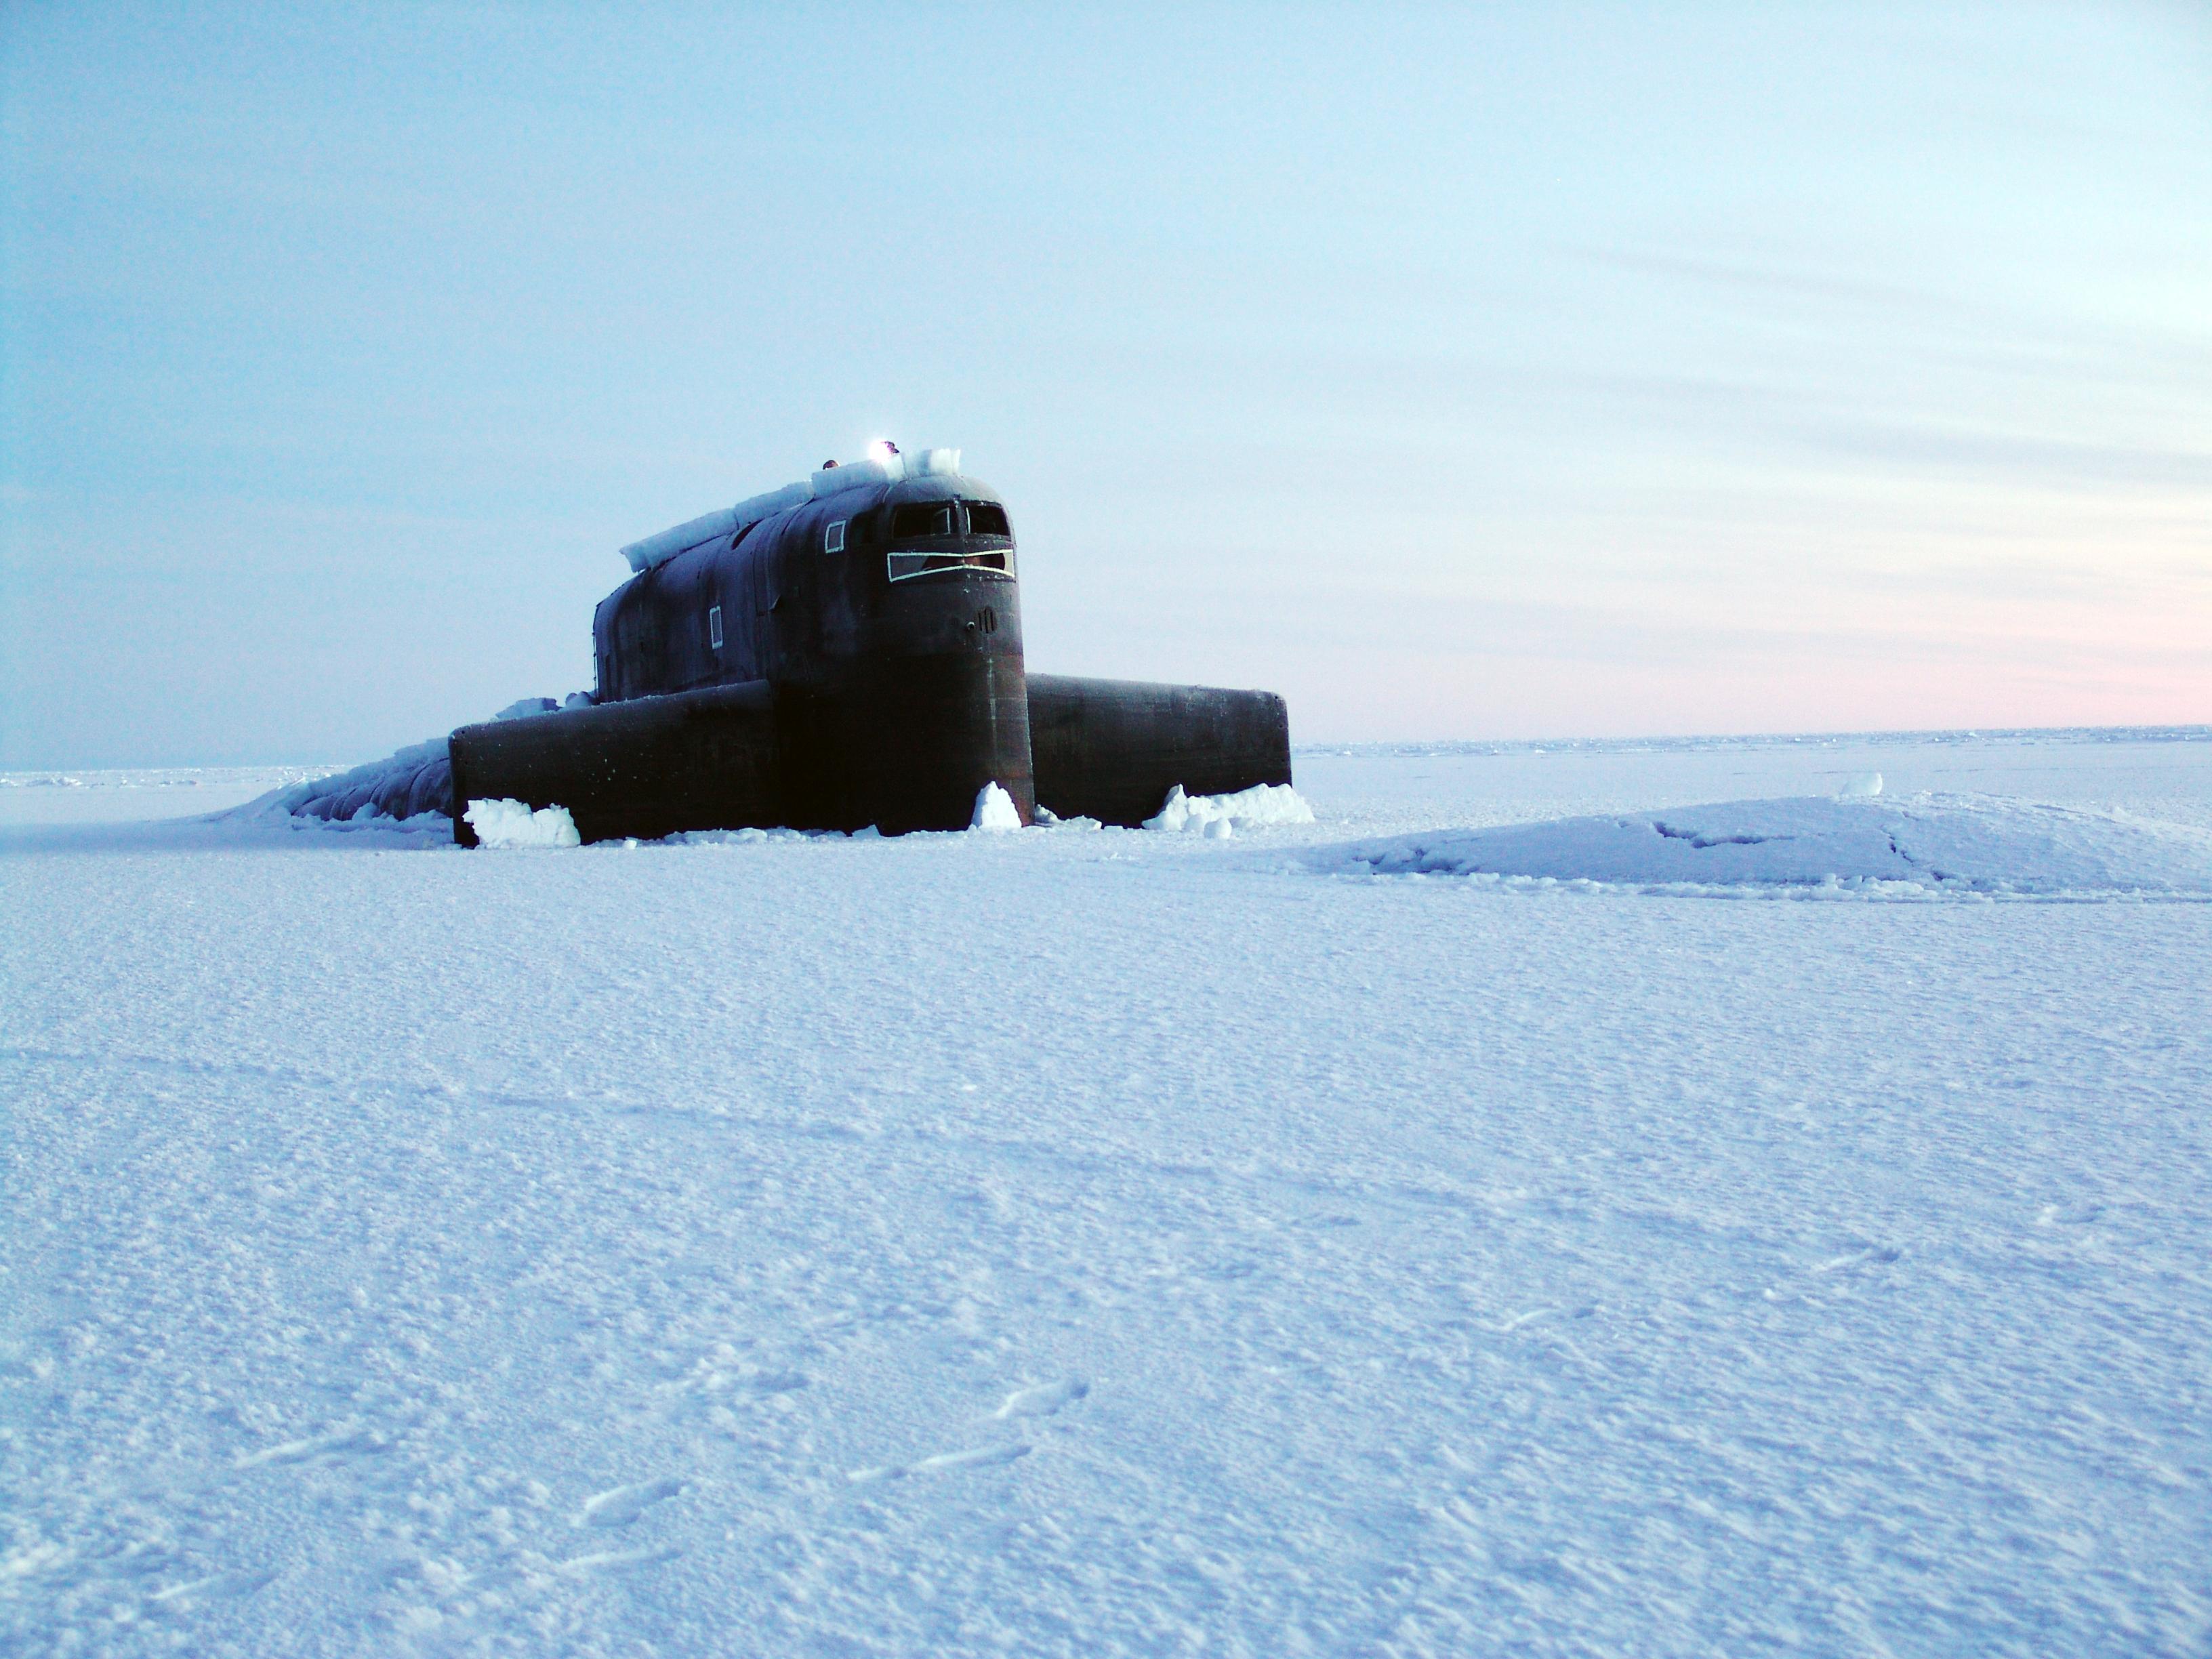 срочно русские летчики обнарули вмерзшую подводную лодку сша в арктике